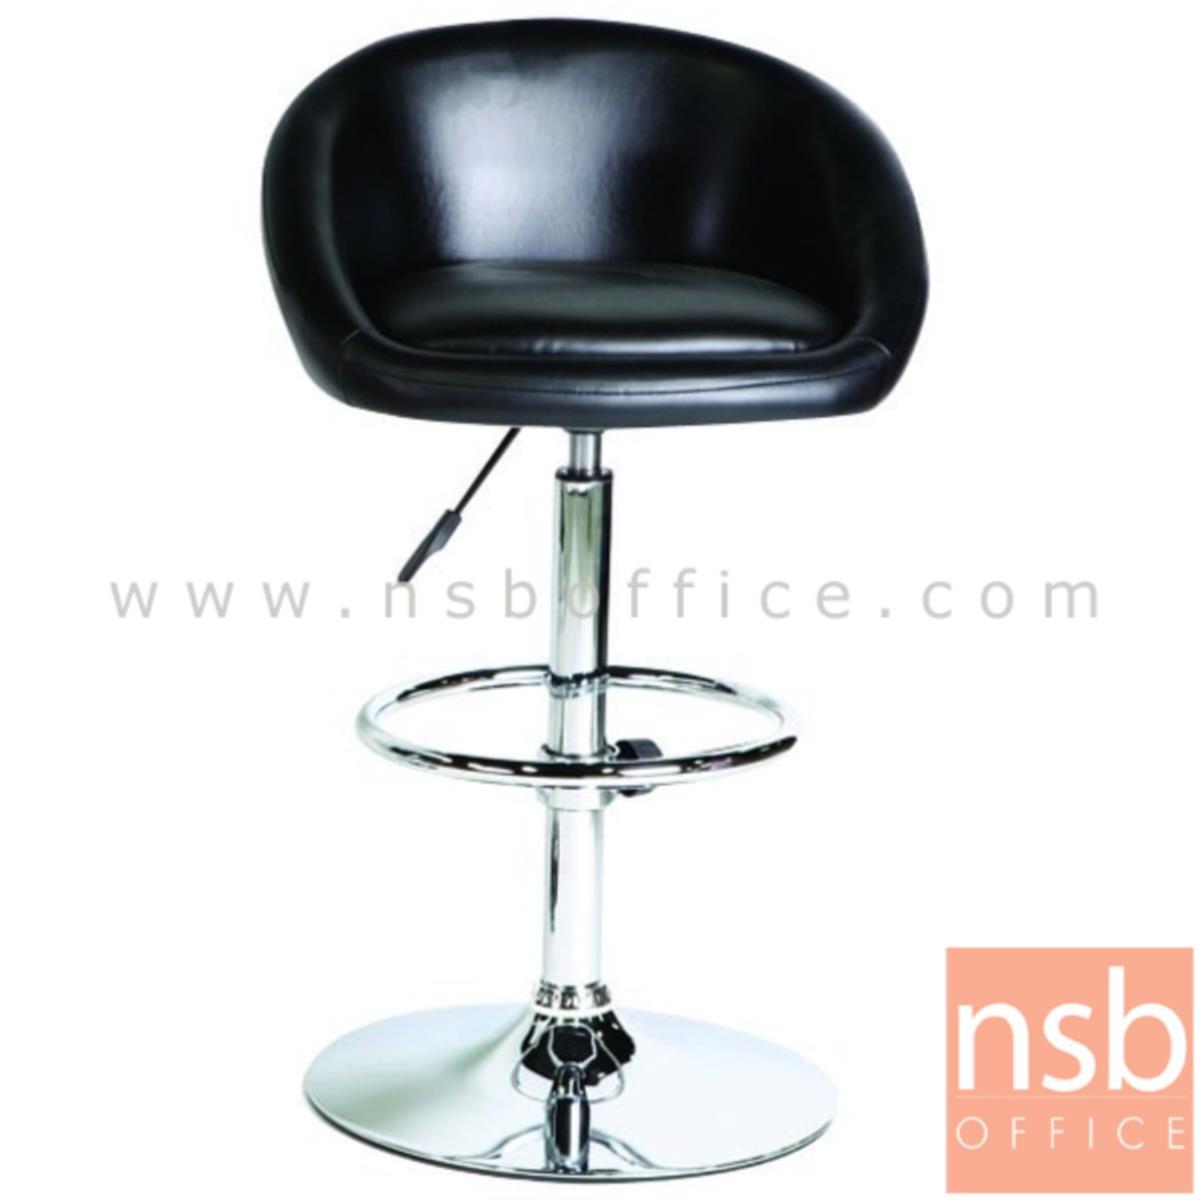 B09A120:เก้าอี้บาร์สูงหนังเทียม รุ่น Rodney (ร็อดนีย์) ขนาด 55W cm. โช๊คแก๊ส ขาโครเมี่ยมฐานจานกลม